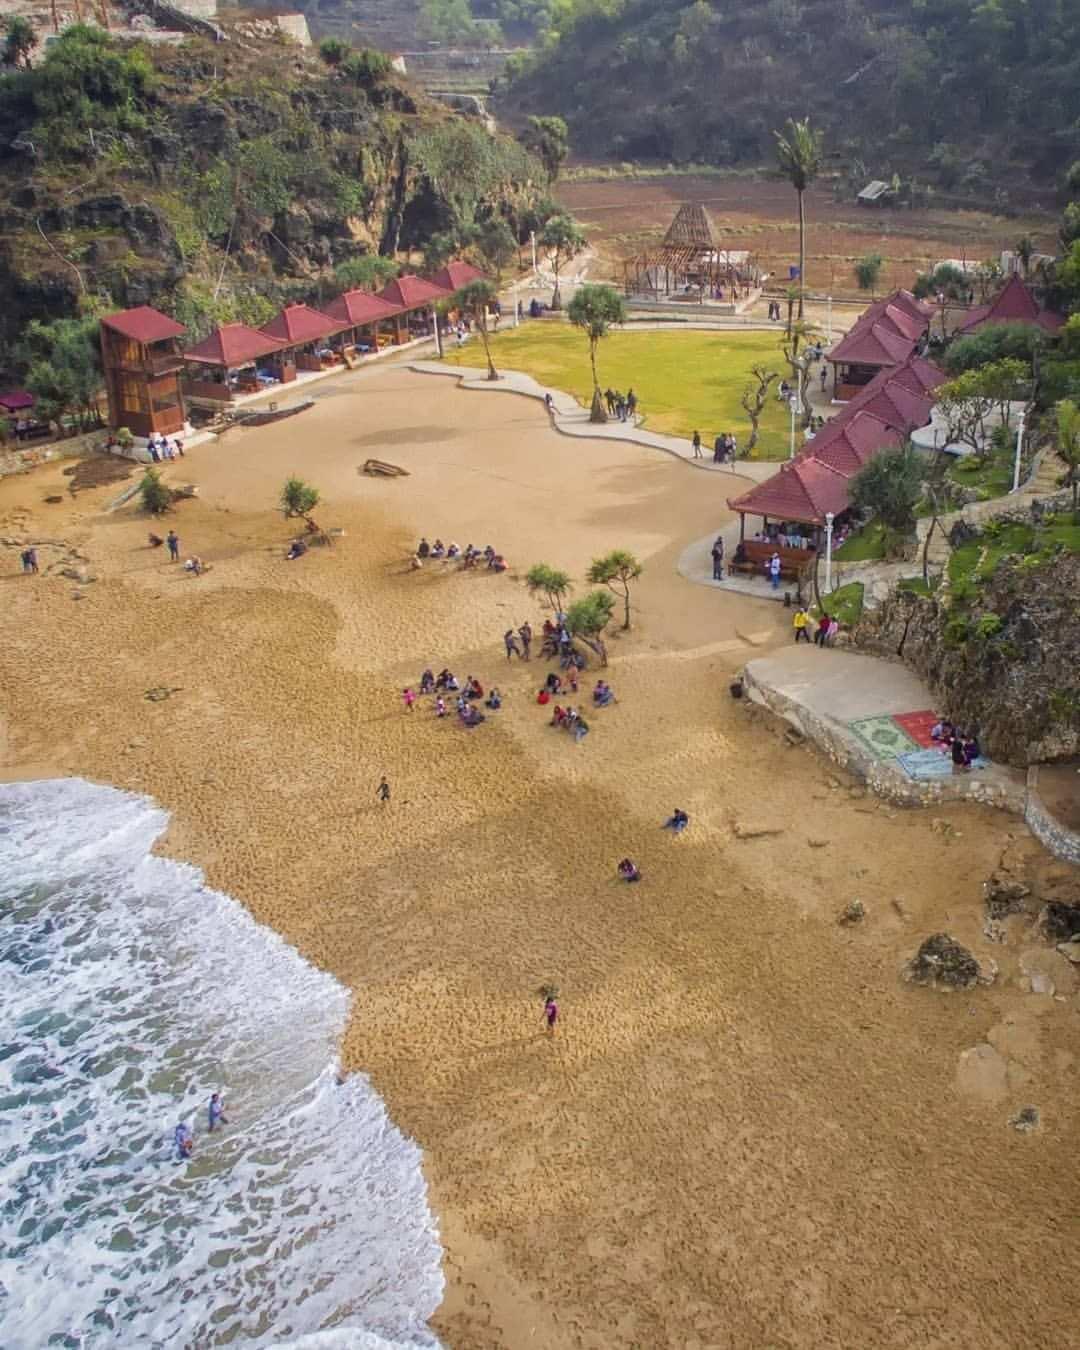 View Pantai Ngrawe Dari Atas Arah Laut Image From @@arif_josselalu